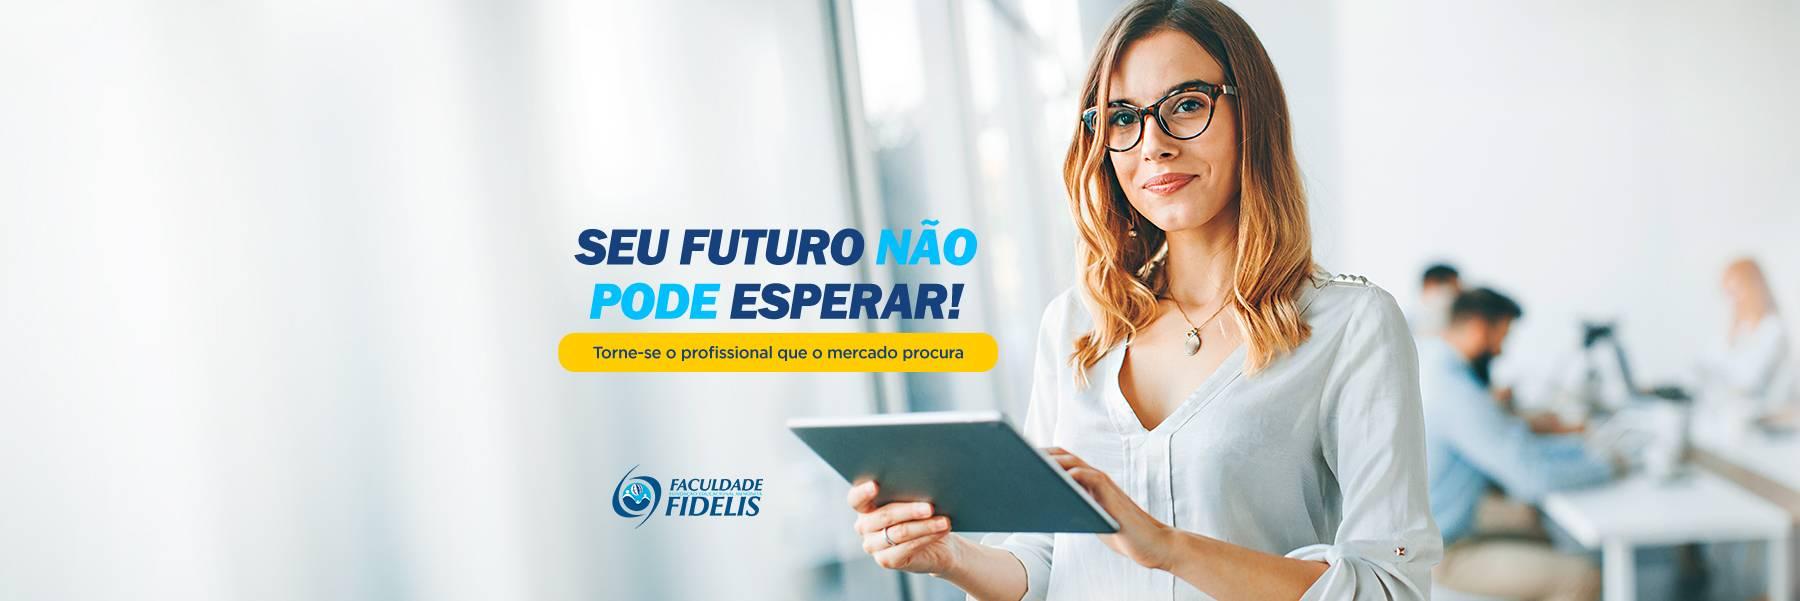 banner_futuro2